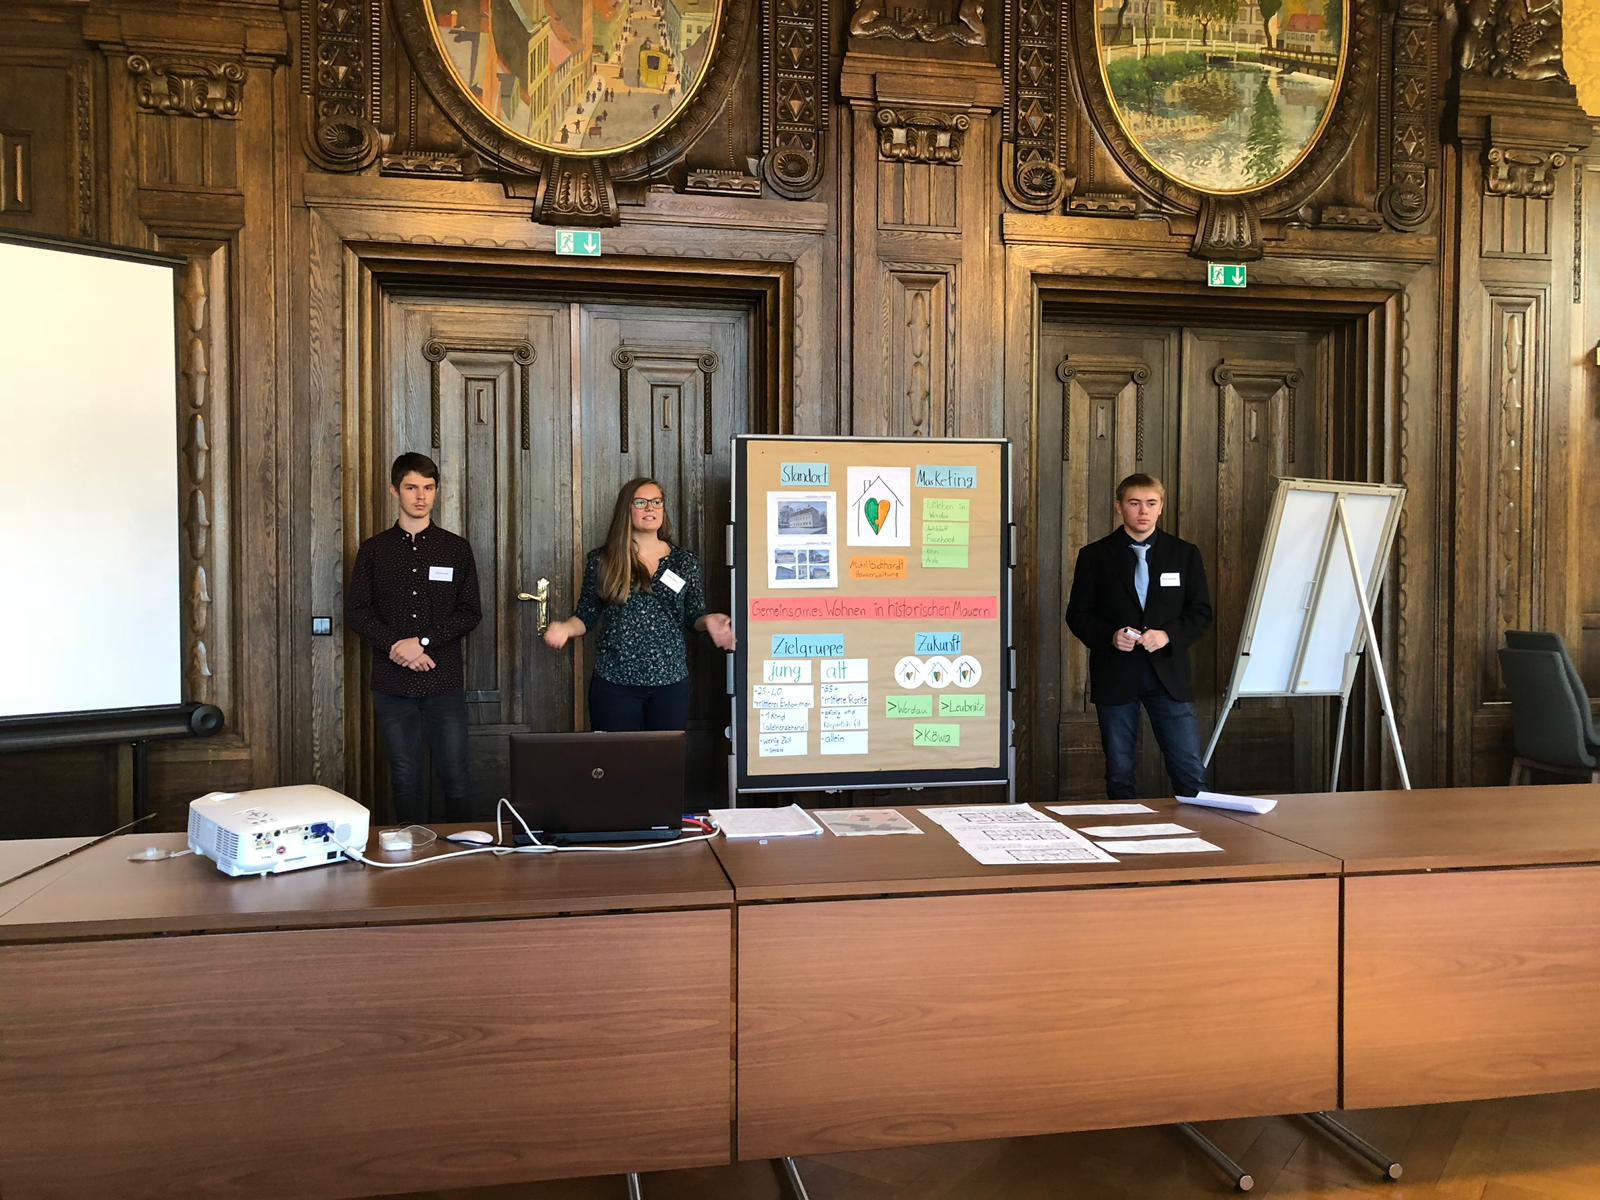 Präsentationstraining Projekt Startup, Abschlusspräsentation Werdauer Rathaus